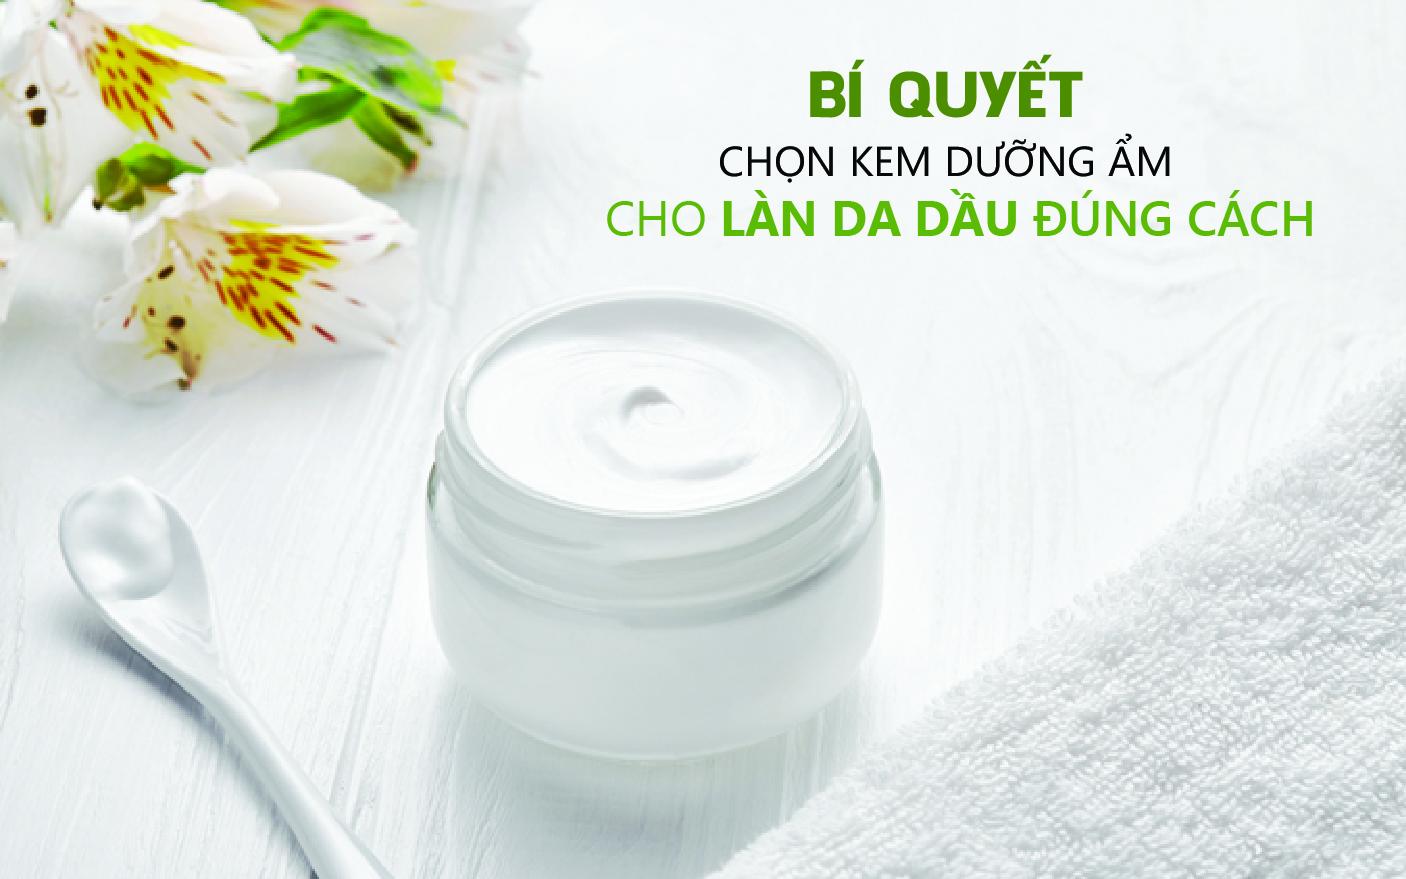 Kem dưỡng ẩm có giúp cải thiện tình trạng da dầu hay không?